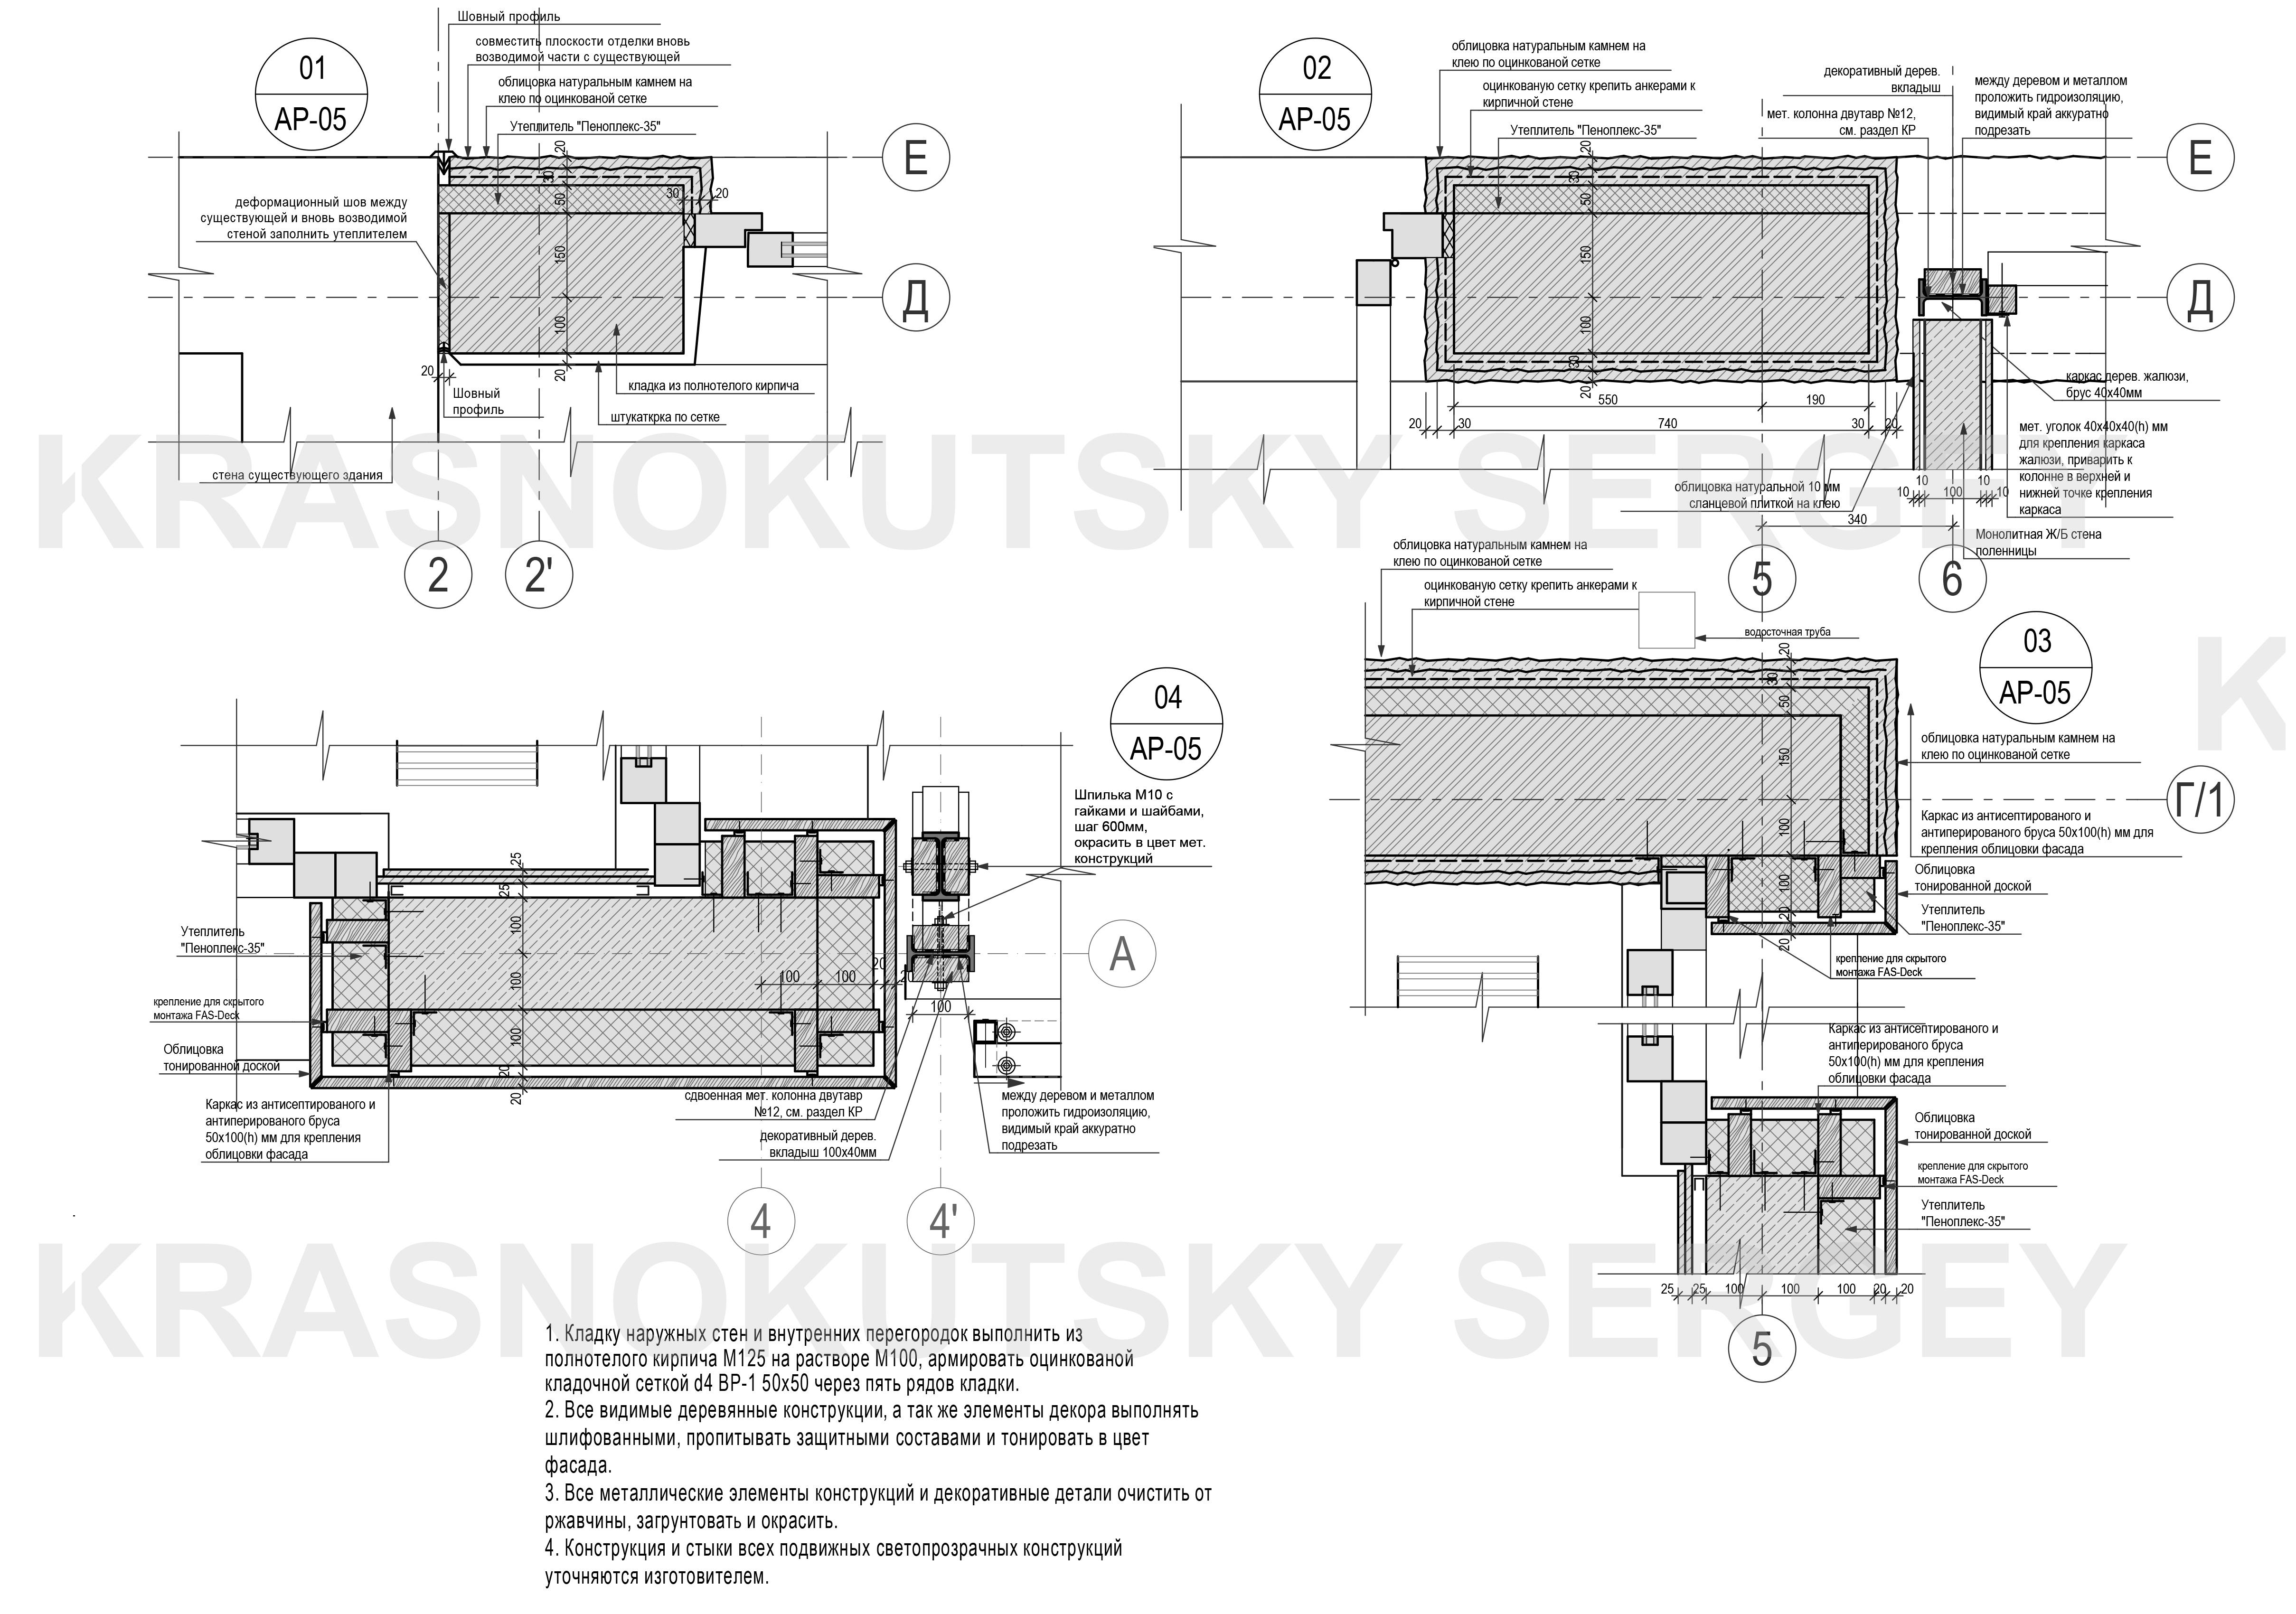 01-63И_ Архитектурные решения (ИЗМ БШ)-31-WM